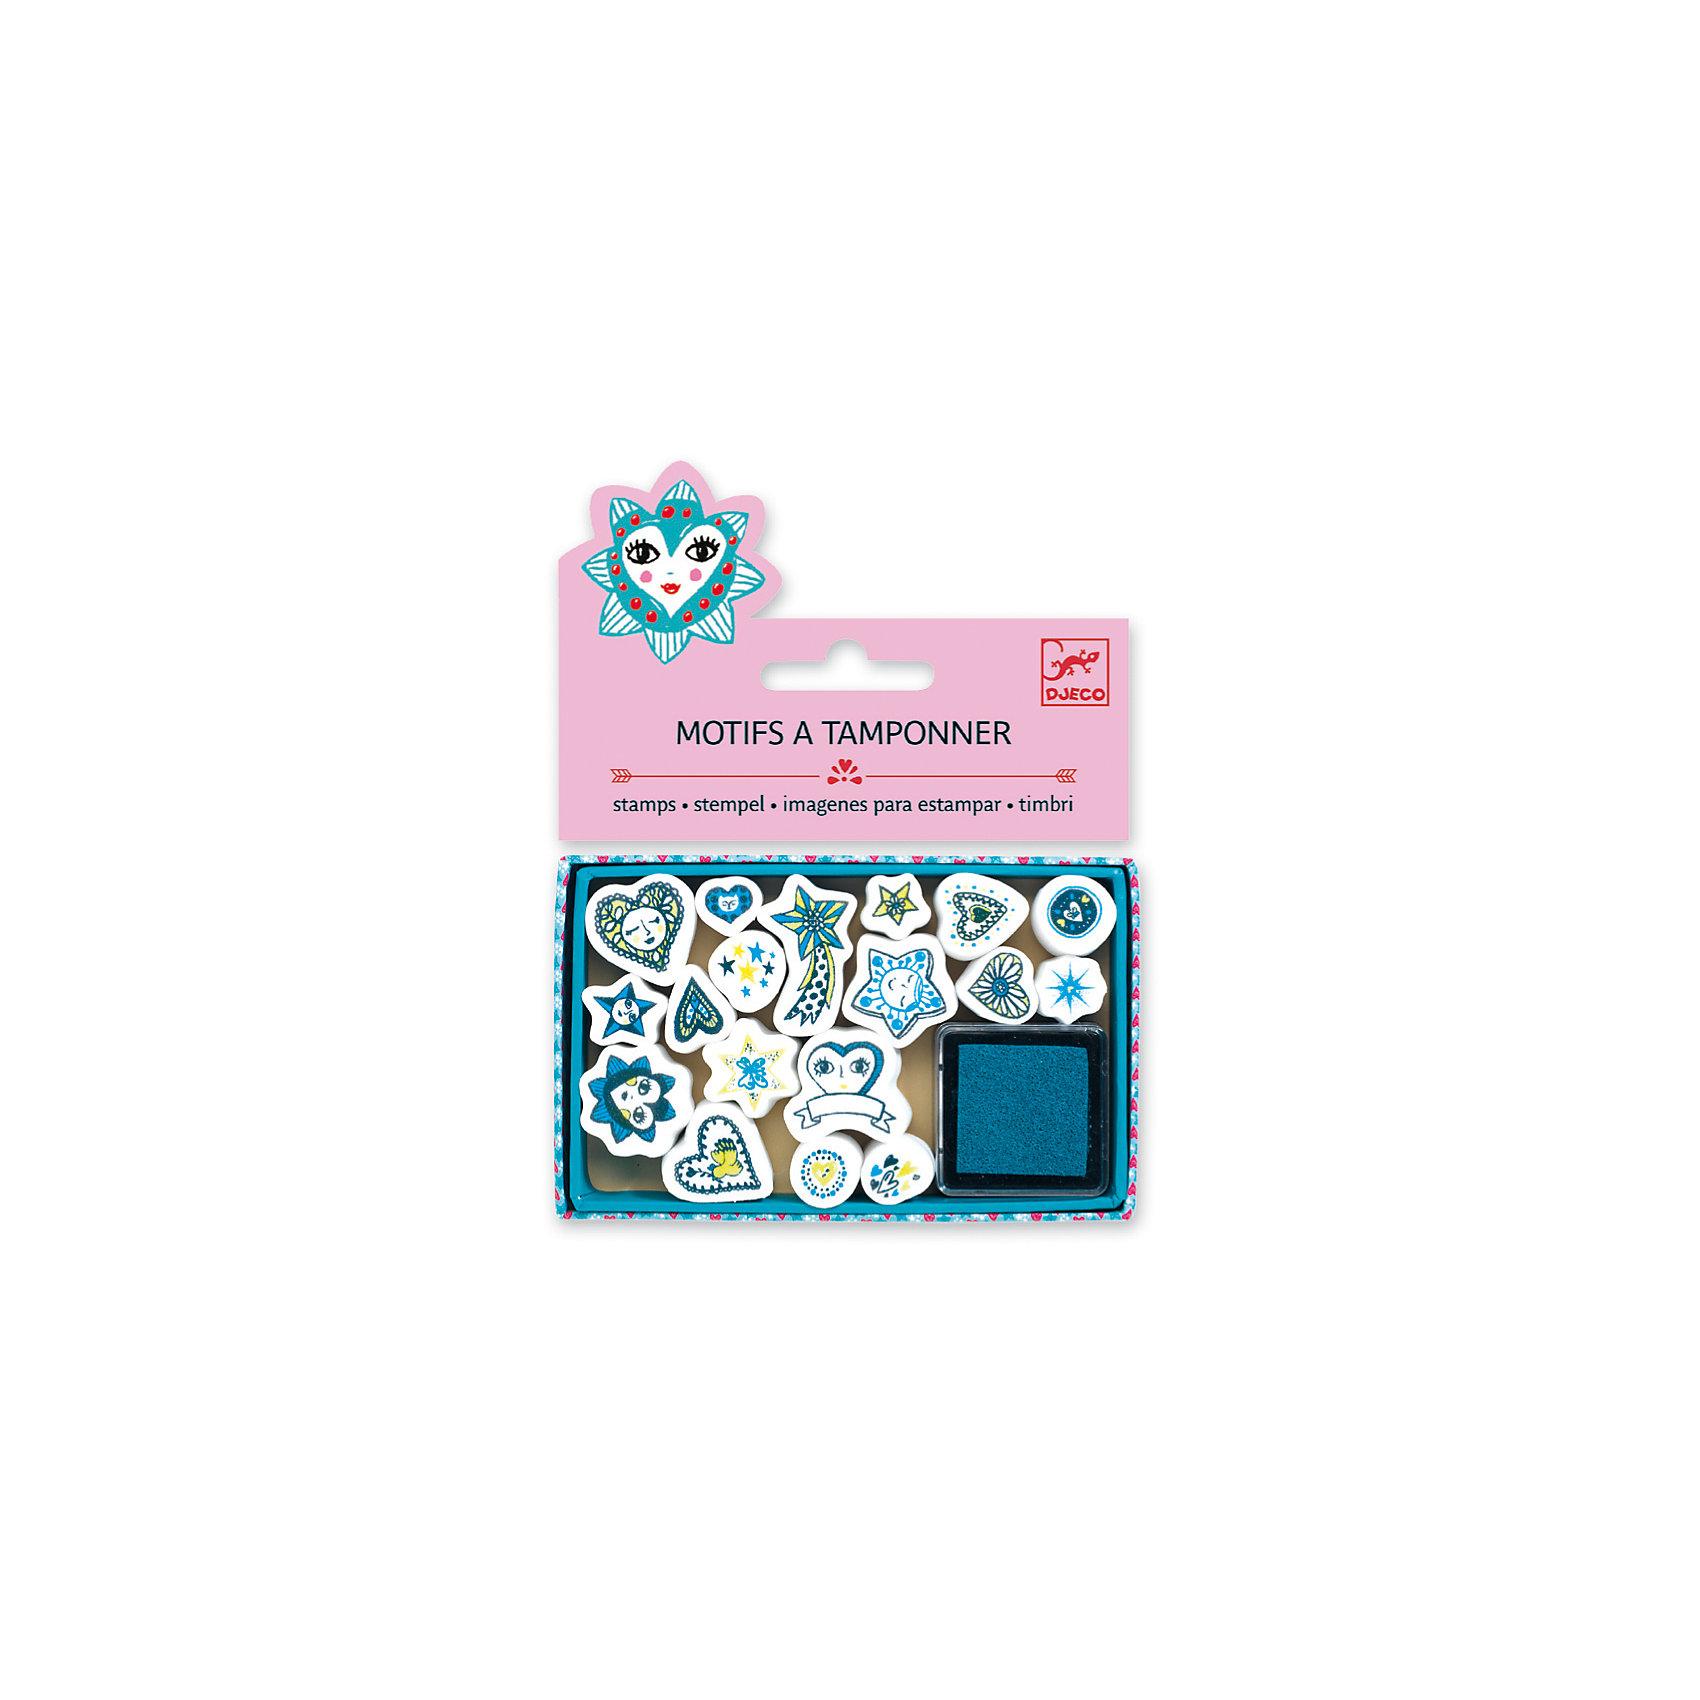 Набор штампов Сердечки и звезды, DJECOРисование<br>Характеристики набора штампов Сердечки и звезды:<br><br>• возраст: от 6 лет<br>• пол: для девочки<br>• комплект: 18 штампов, 1 подушечка с краской.<br>• состав: картон, пластик<br>• размер упаковки: 11.5x15.5x2 см<br>• упаковка: пакет с хедером.<br>• бренд: Djeco<br>• страна обладатель бренда: Франция.<br><br>В набор входят 18 штампов с сердечками и звездочками, а также подушечка, пропитанная краской. Перенося изображение на бумагу, ребенок сможет создать оригинальный красивый рисунок. Наборы для детского творчества развивают фантазию, воображение и творческие способности ребенка, учат его внимательности и усидчивости.<br><br>Набор штампов Сердечки и звезды от торговой марки Djeco (Джеко) можно купить в нашем интернет-магазине.<br><br>Ширина мм: 110<br>Глубина мм: 15<br>Высота мм: 10<br>Вес г: 54<br>Возраст от месяцев: 72<br>Возраст до месяцев: 2147483647<br>Пол: Женский<br>Возраст: Детский<br>SKU: 5448847